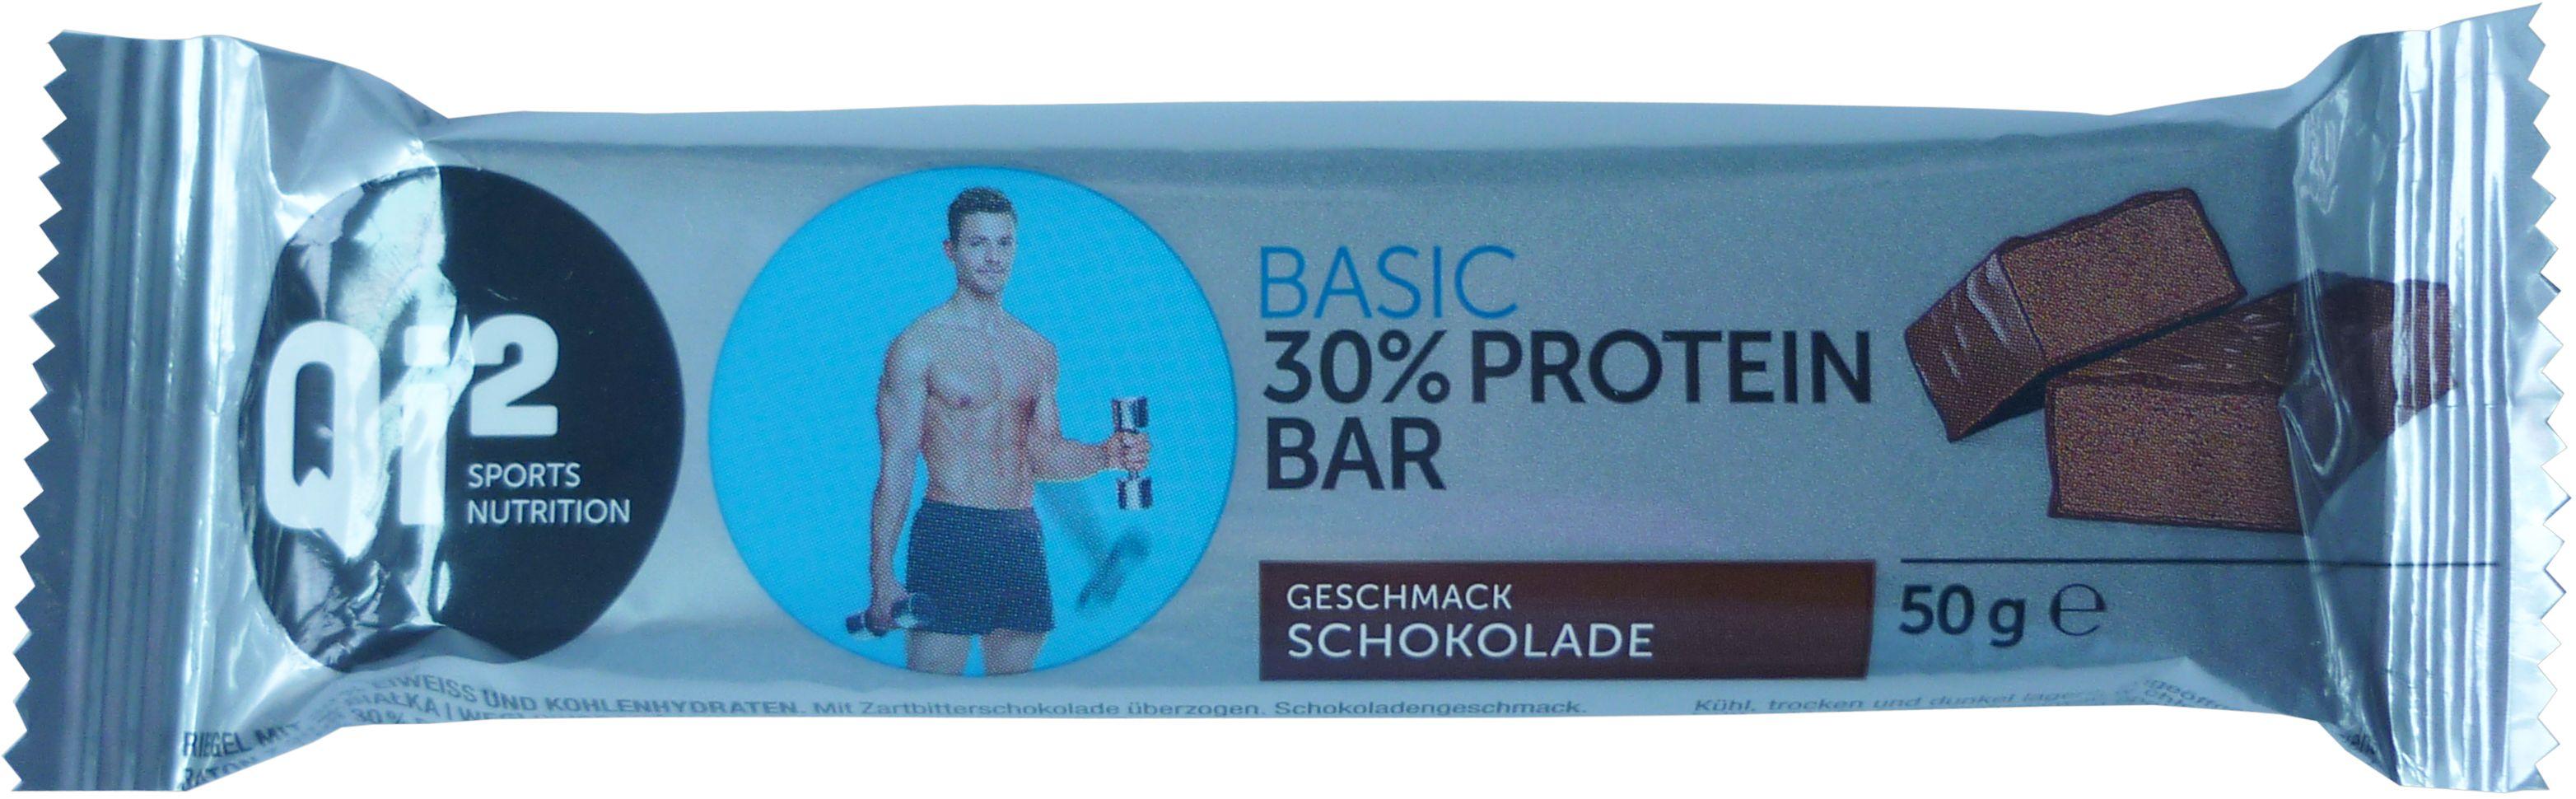 Qi² Basic -Schokolade